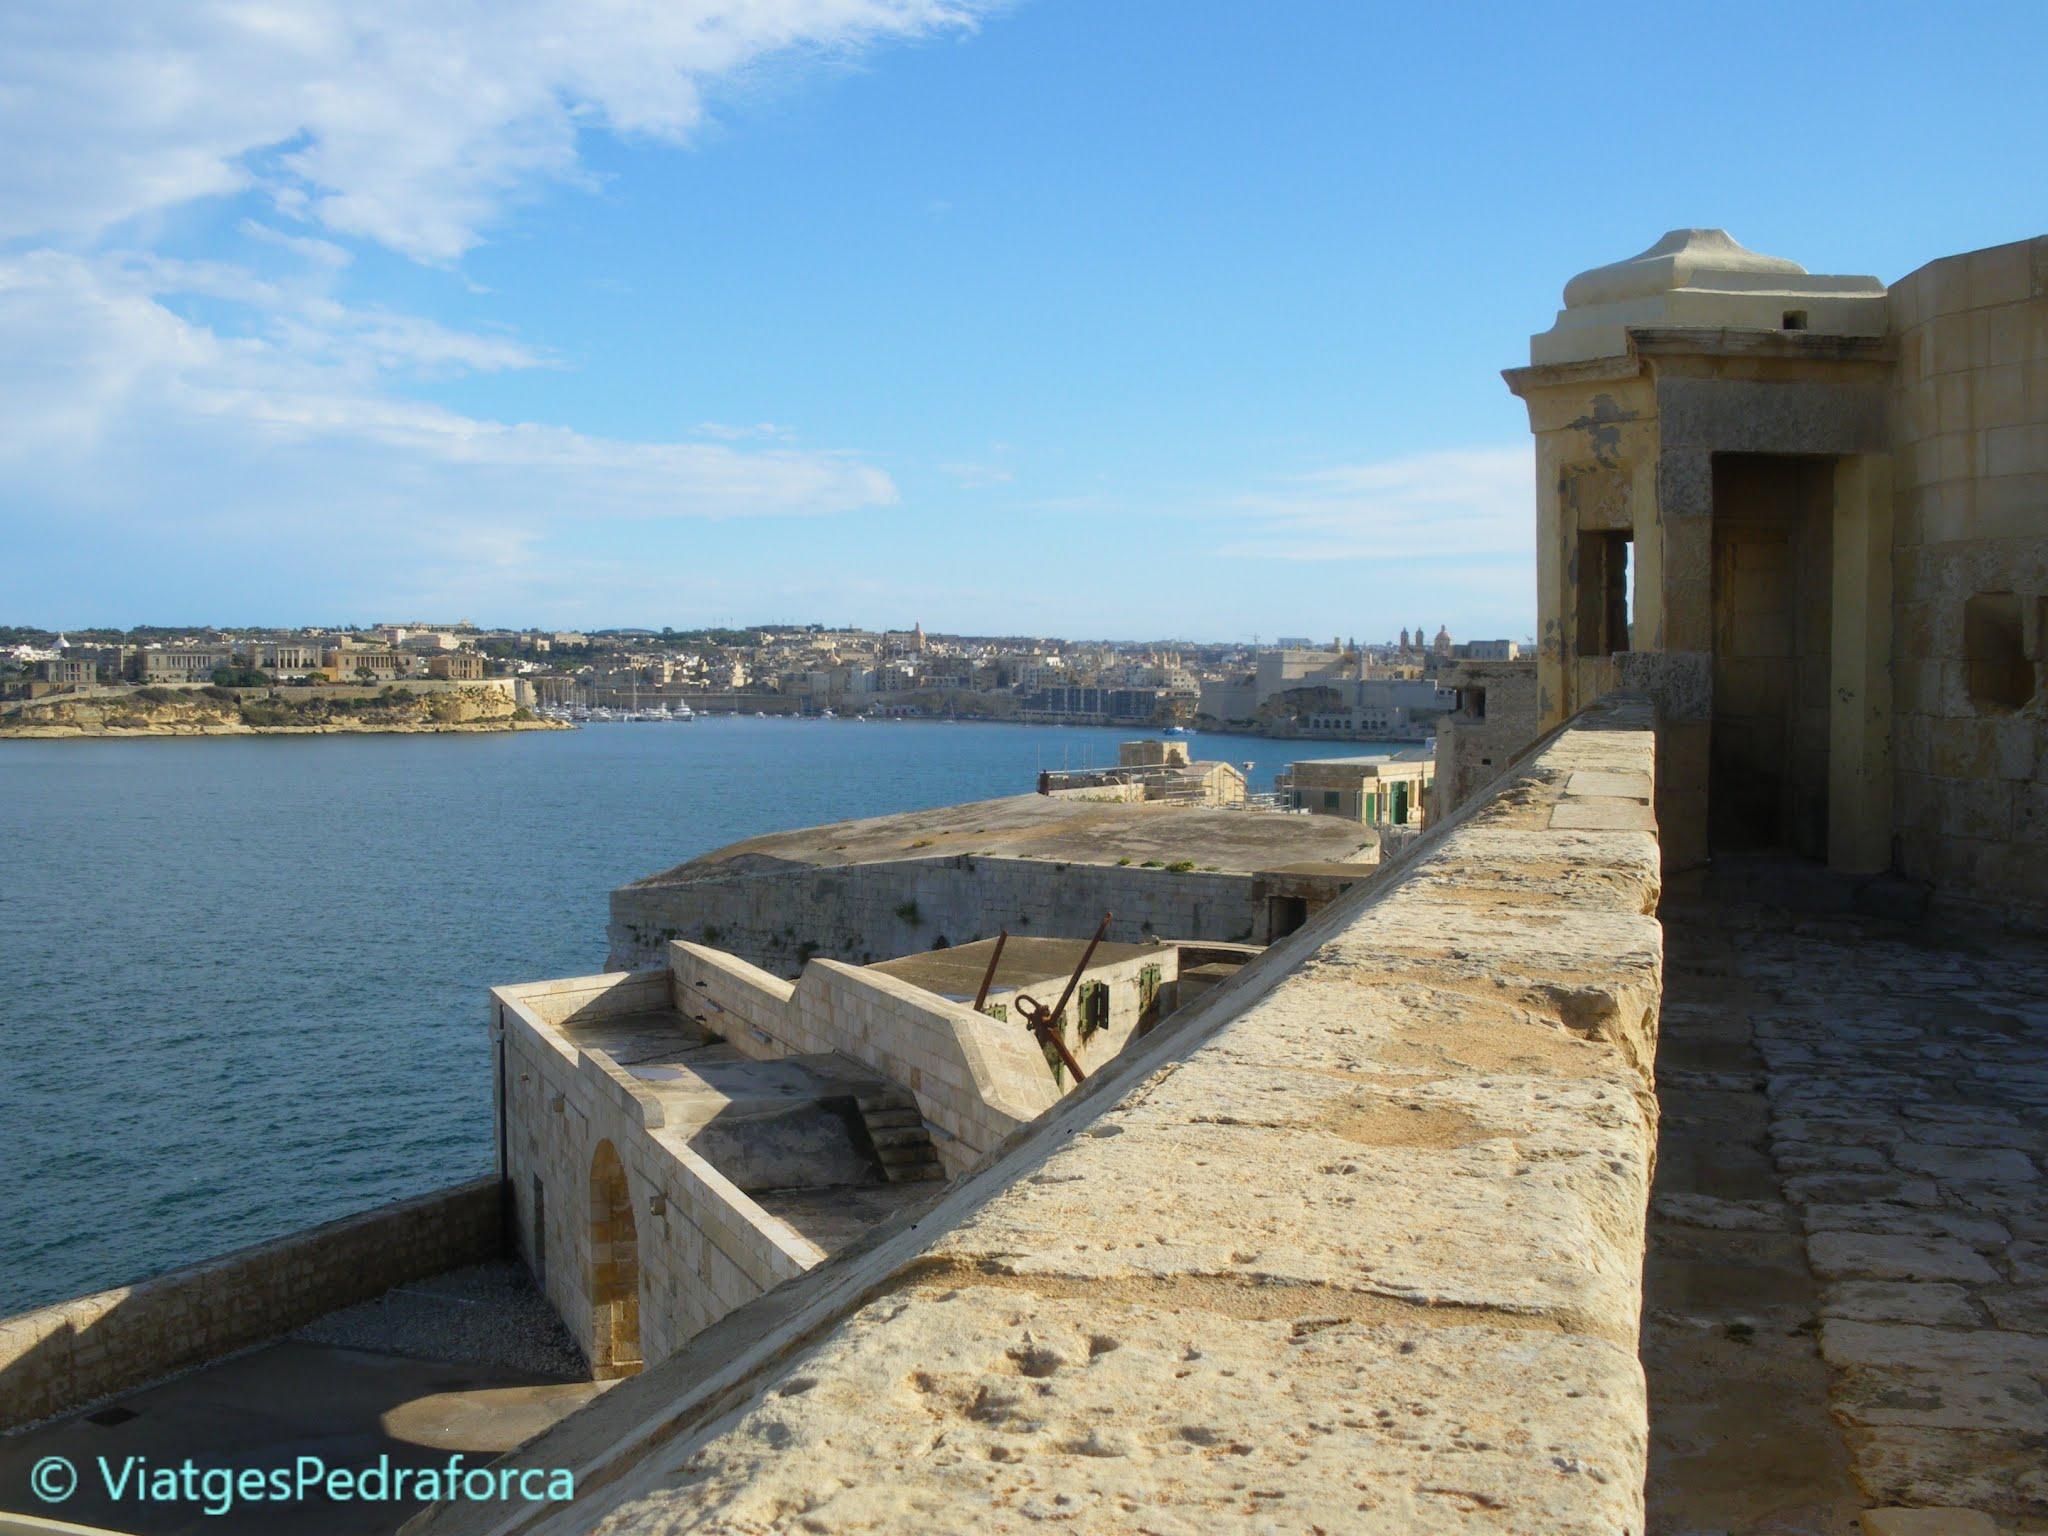 Malta, Els millors castells d'Europa, patrimoni cultural, patrimoni de la humanitat